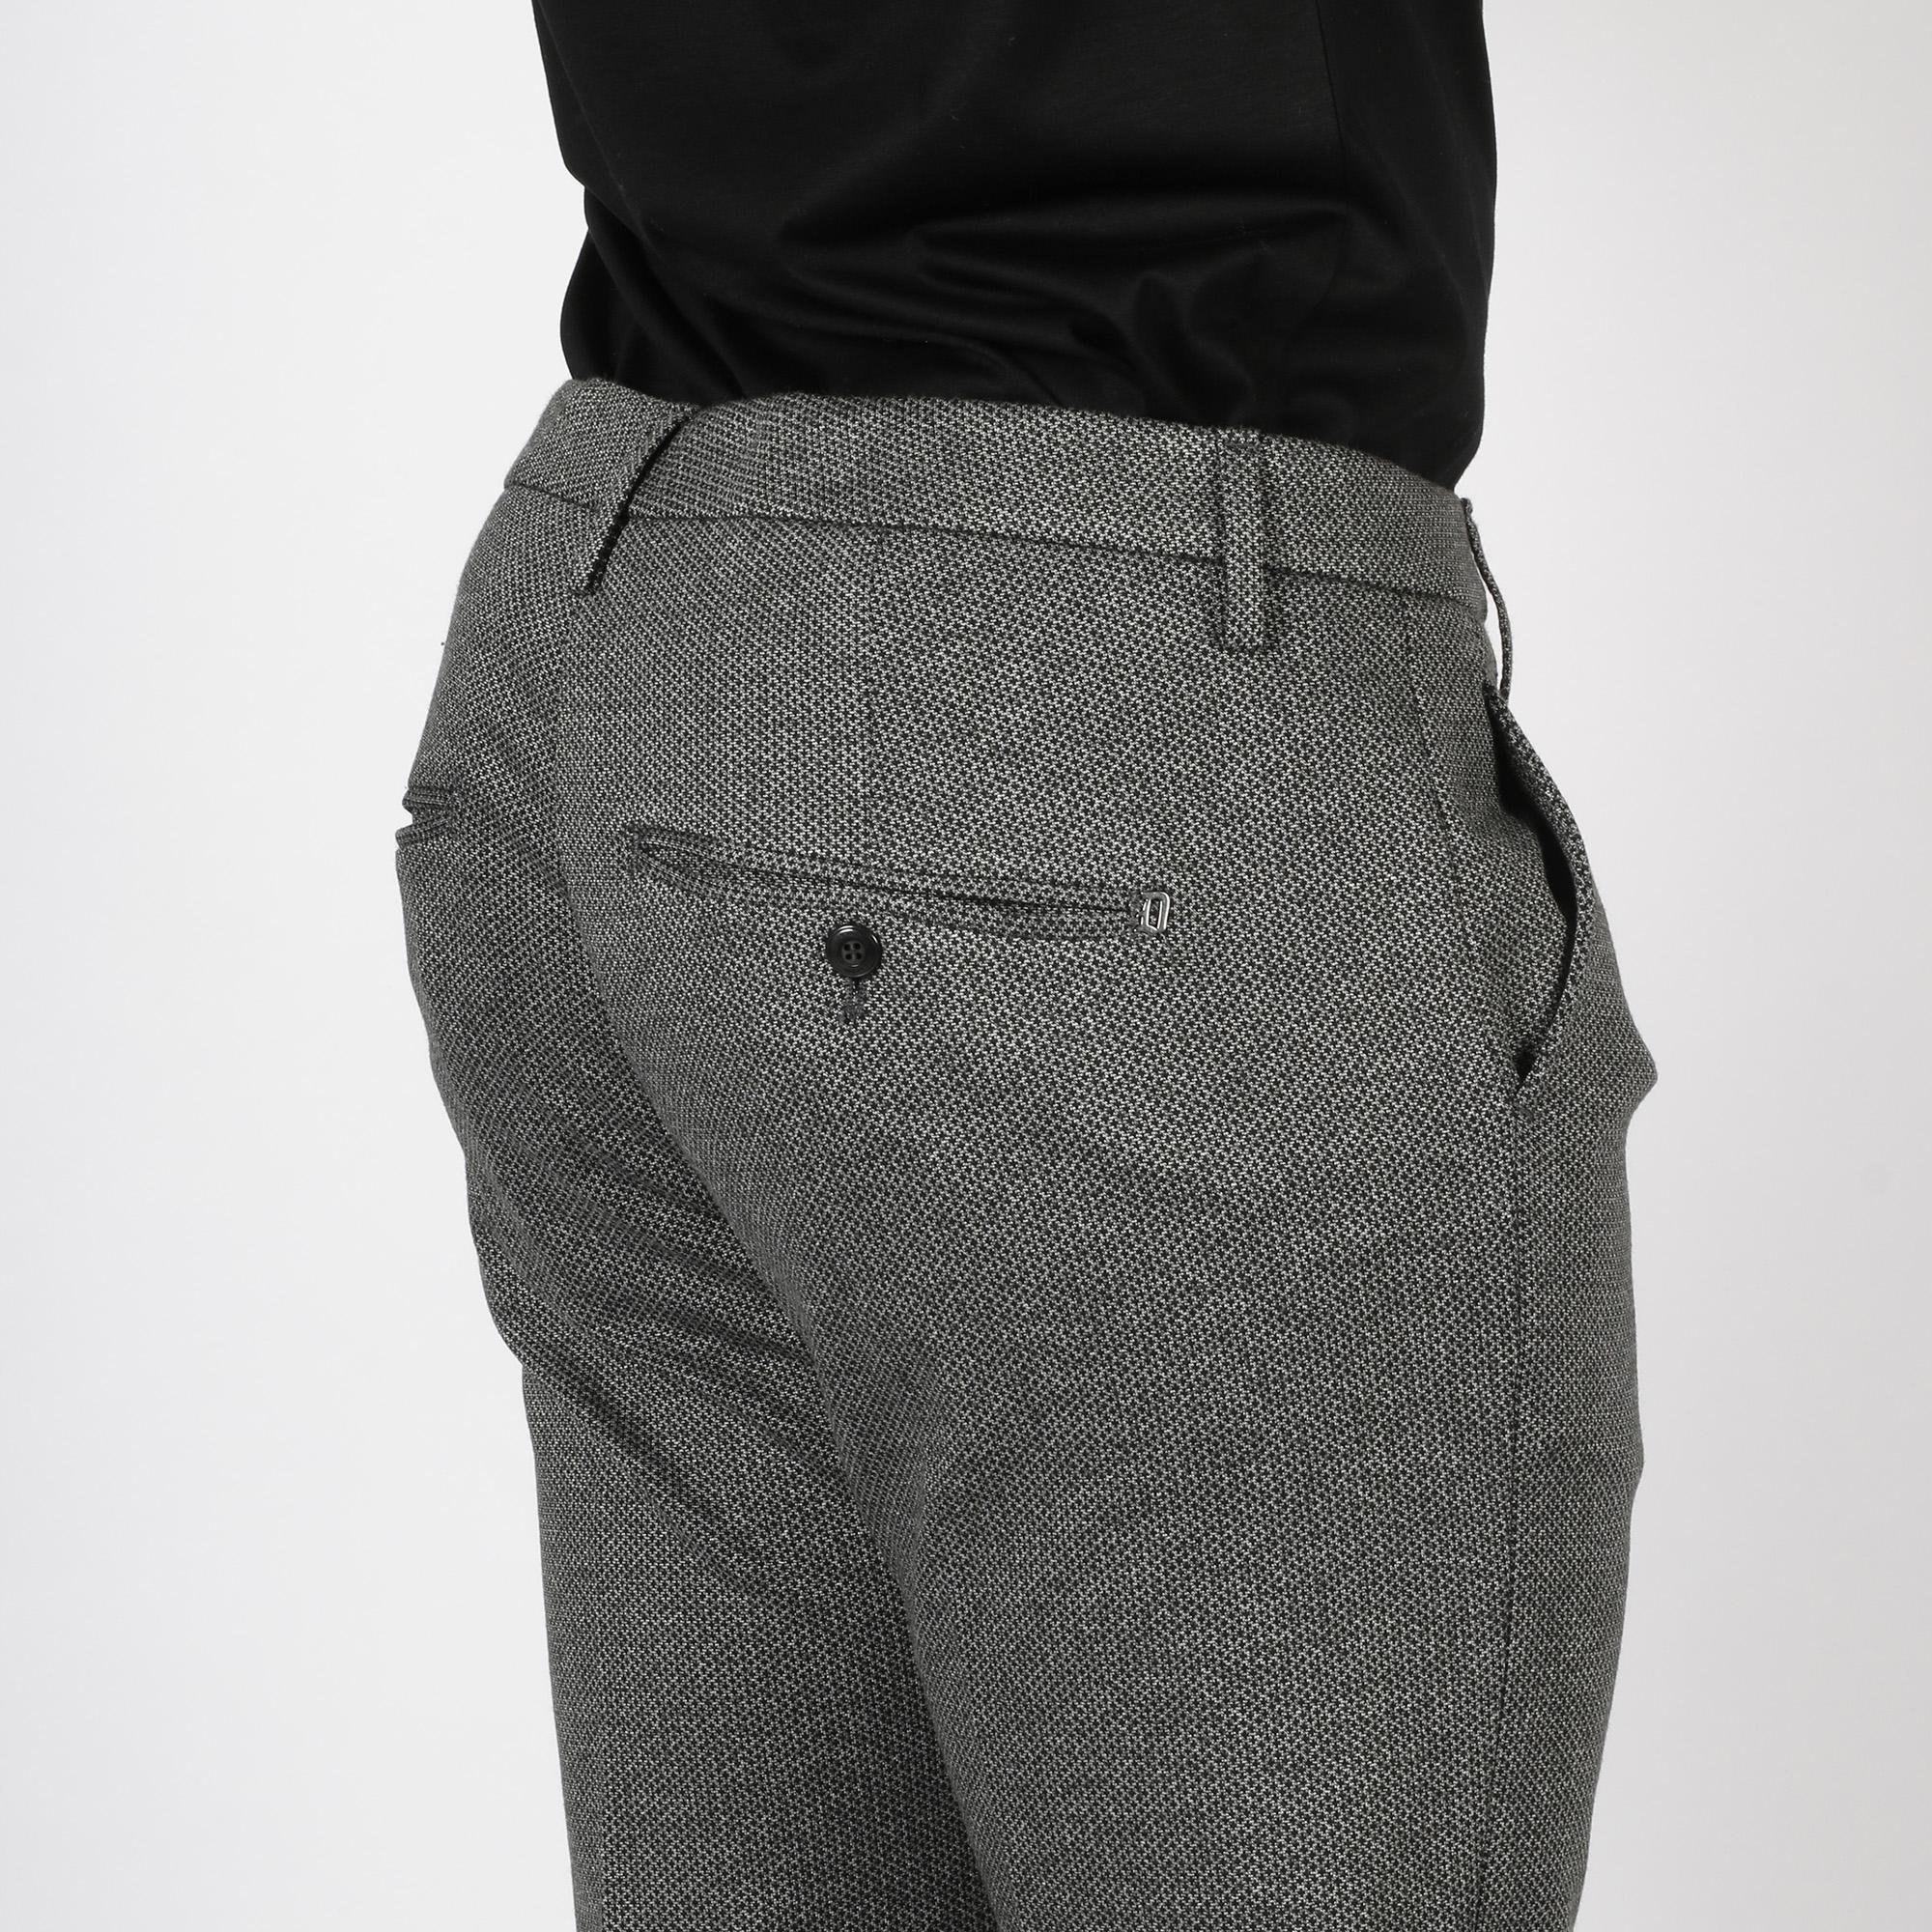 Pantalone gaubert micropunti - Grigio/nero